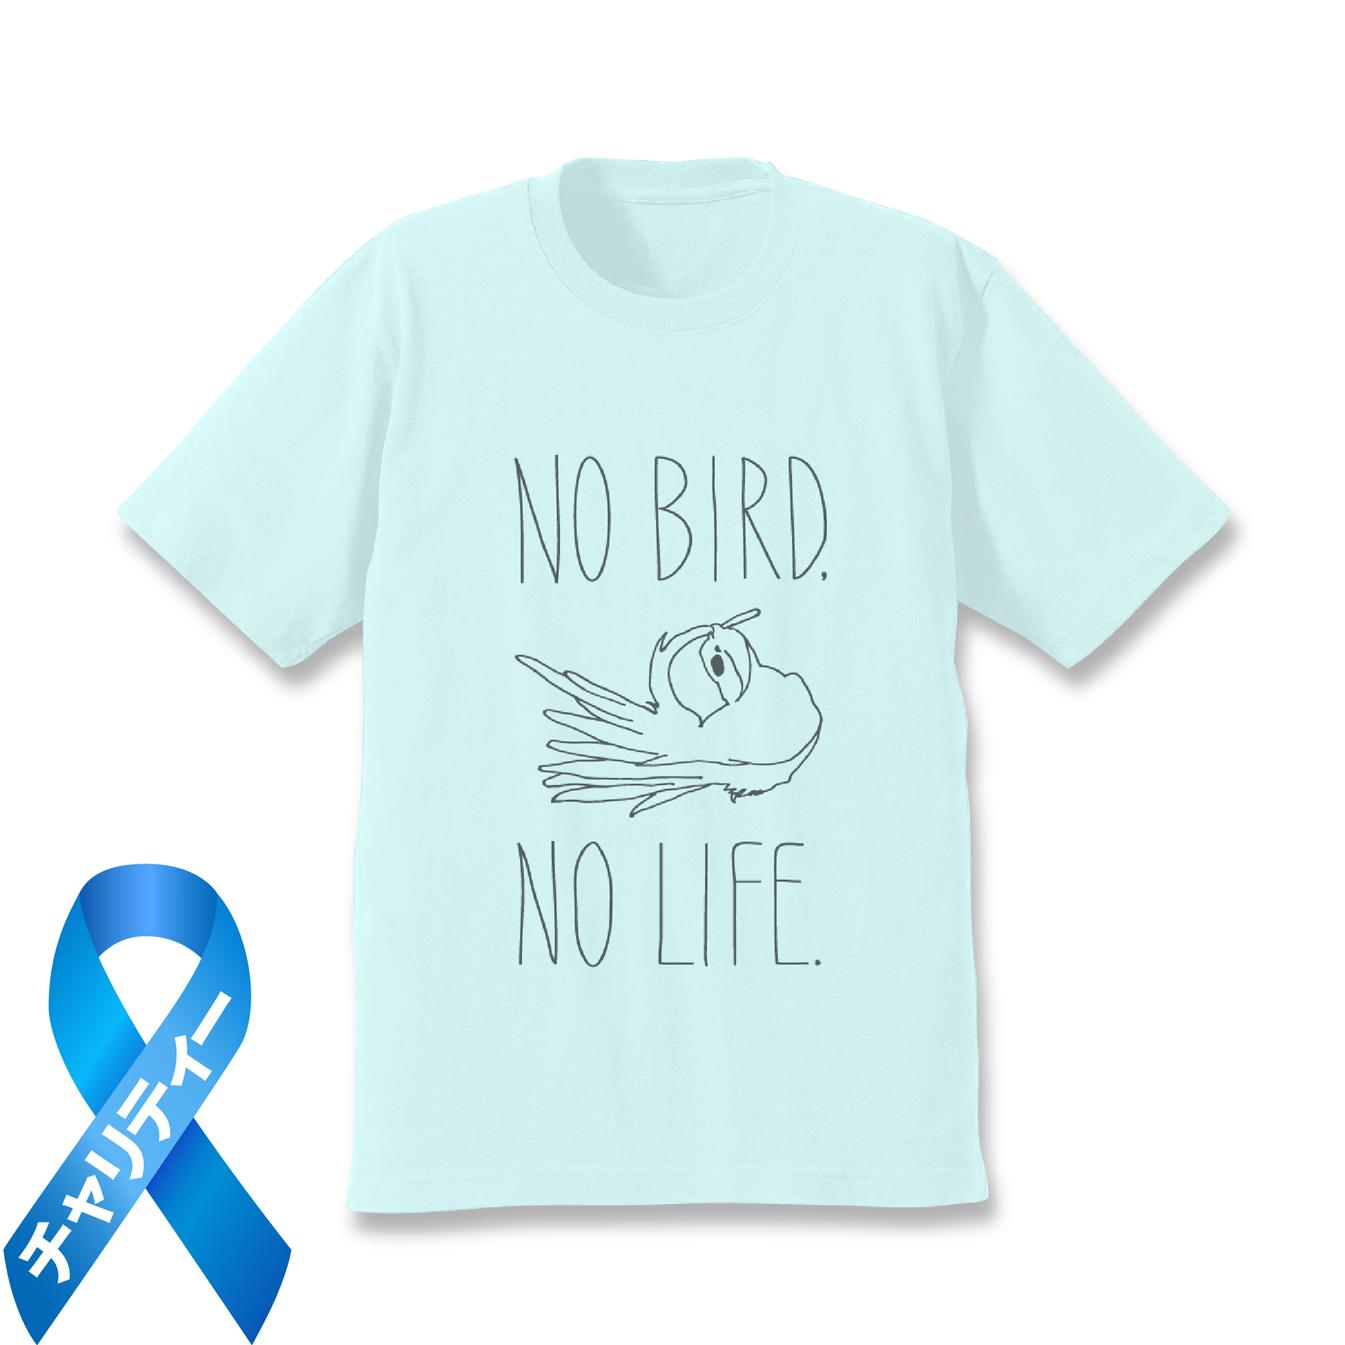 小鳥のいない人生なんて!Tシャツ 水色【チャリティー対象商品】